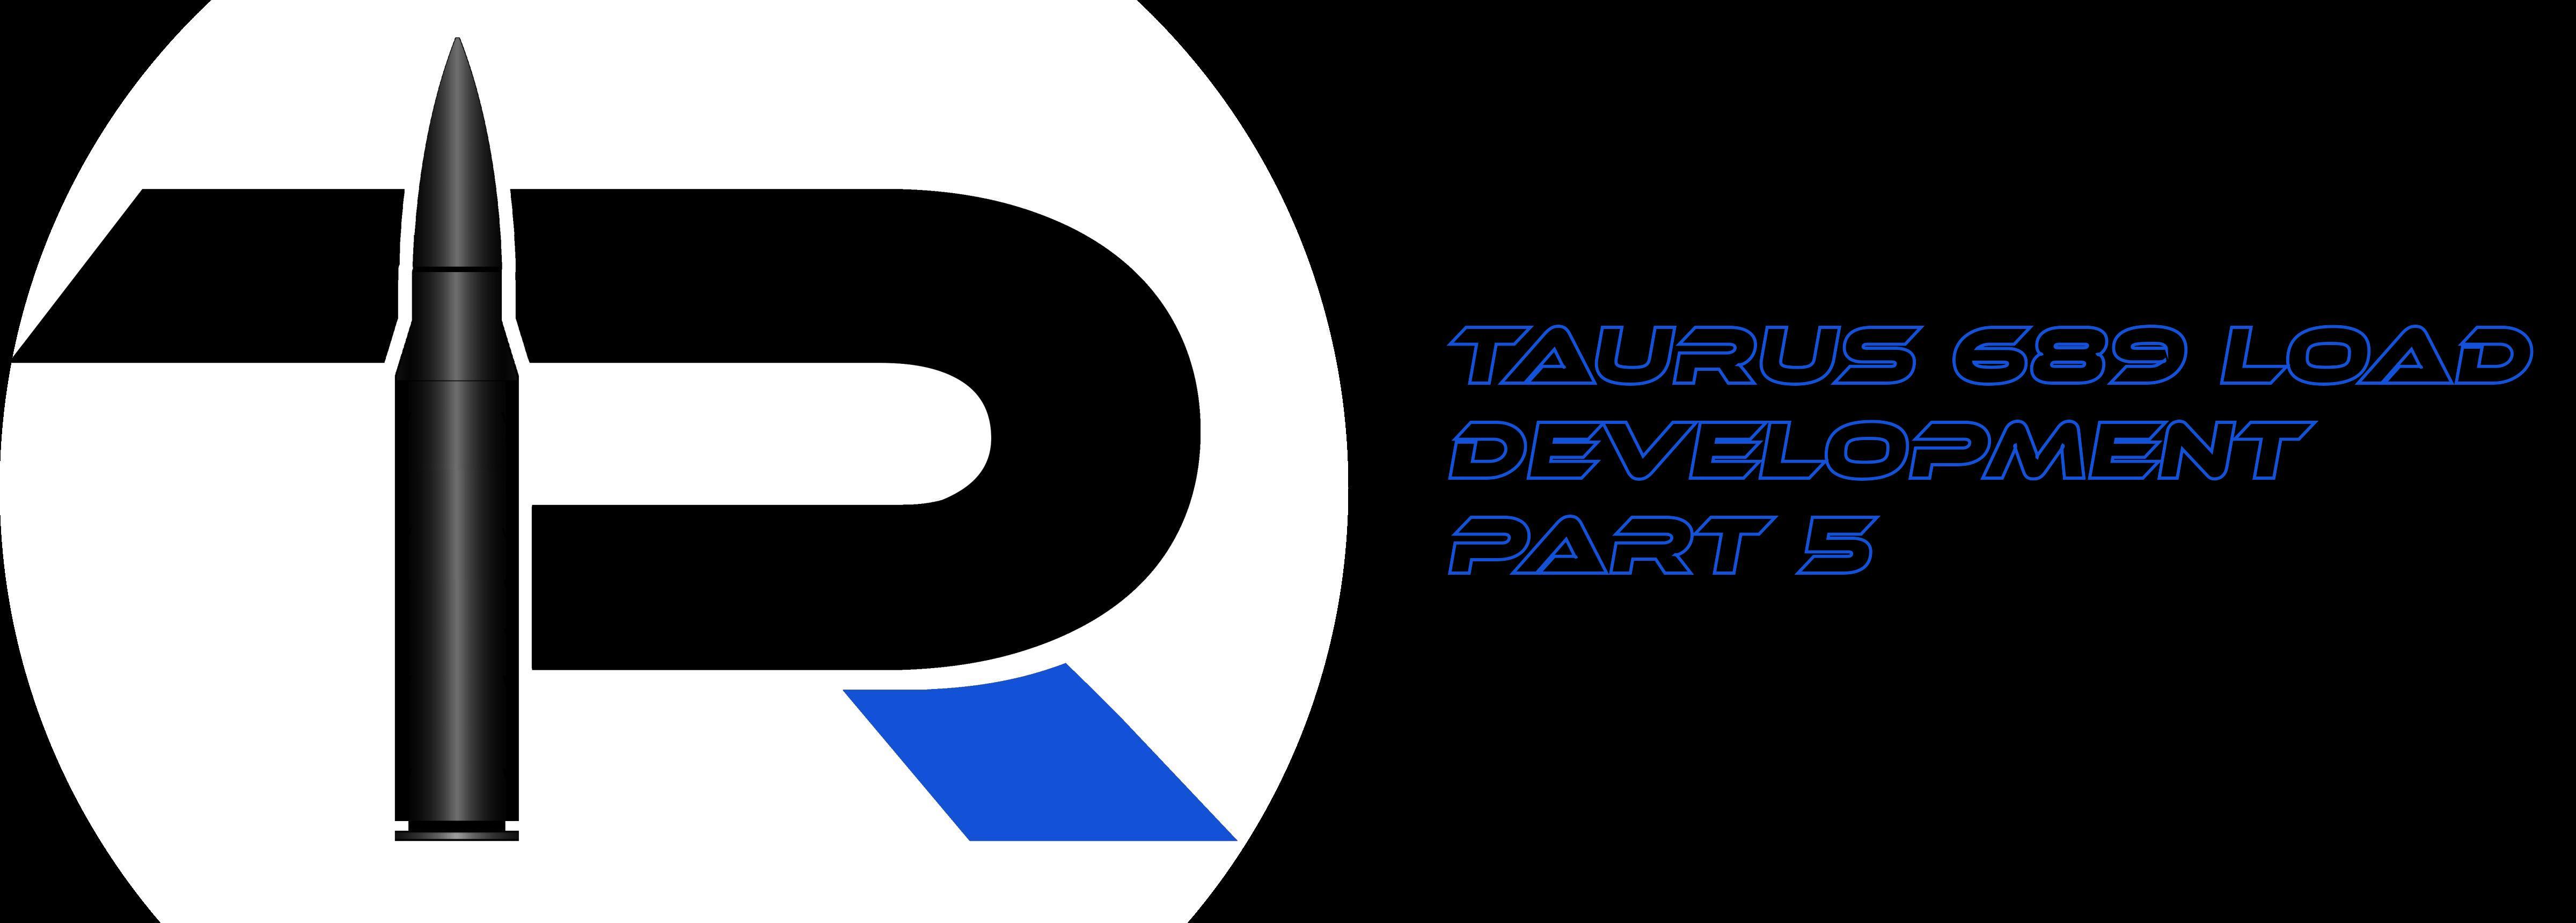 TaurusFeatured5